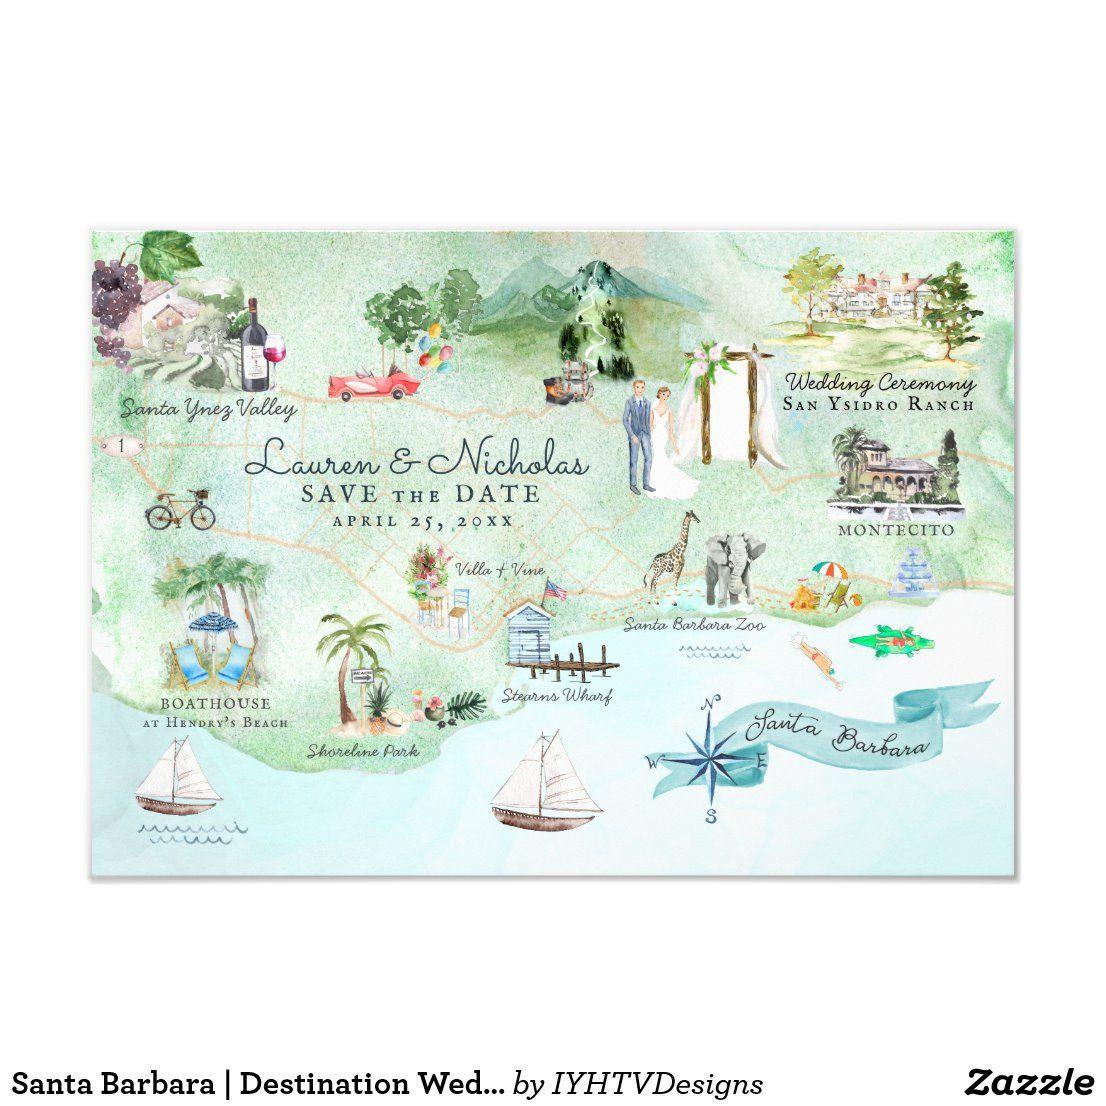 Santa Barbara Destination Wedding Itinerary Map